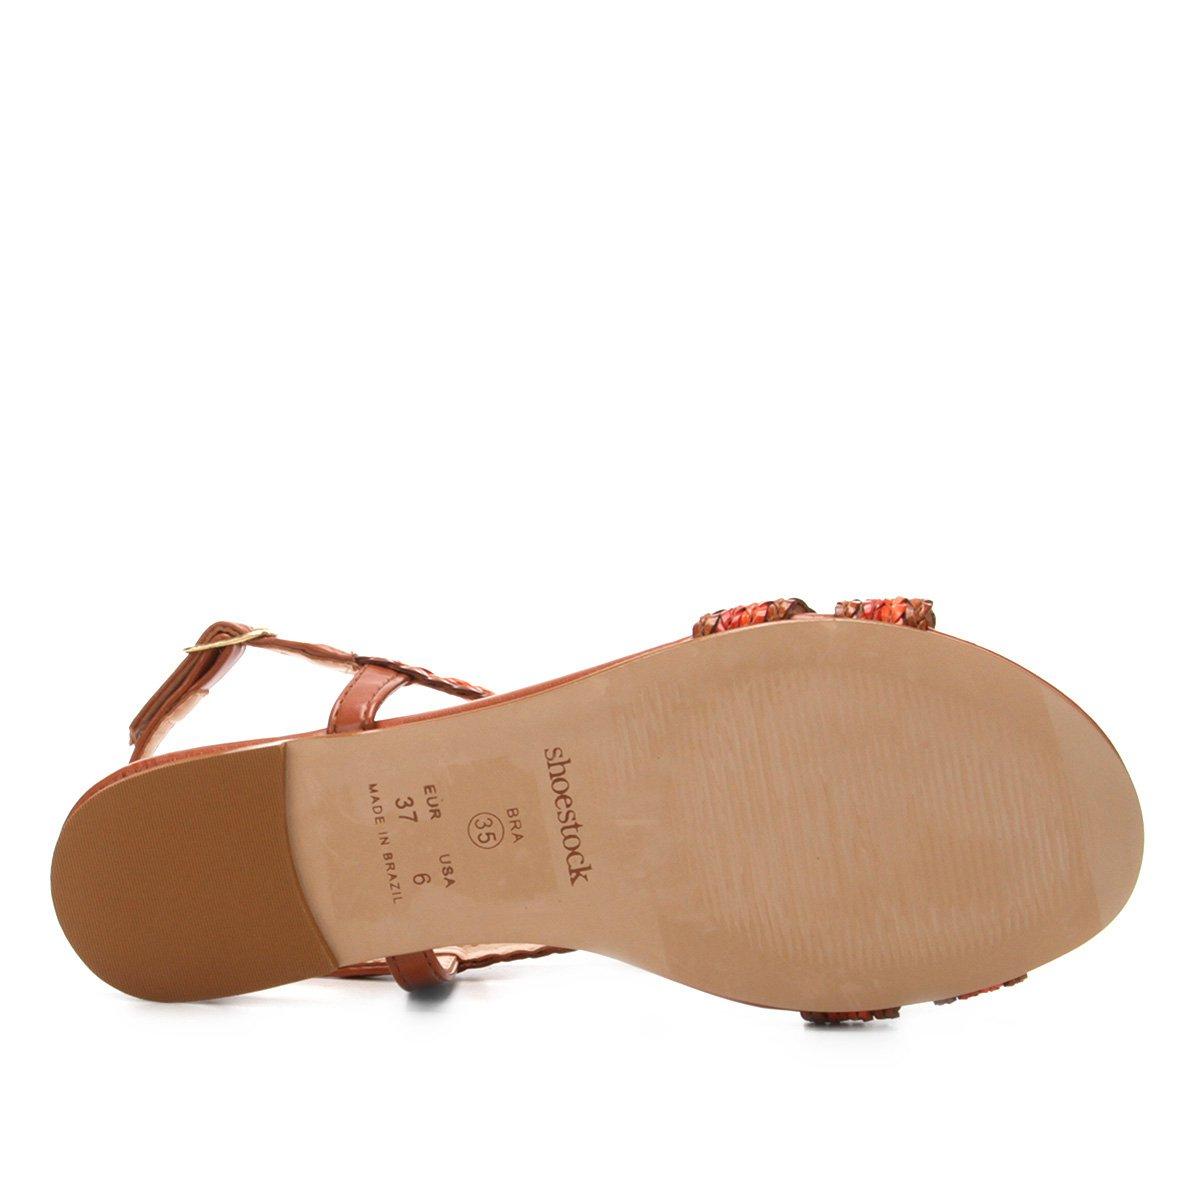 Couro Rasteira Marrom Shoestock Tranças Couro Rasteira Rasteira Marrom Tranças Marrom Rasteira Shoestock Couro Shoestock Tranças 5pw0vv